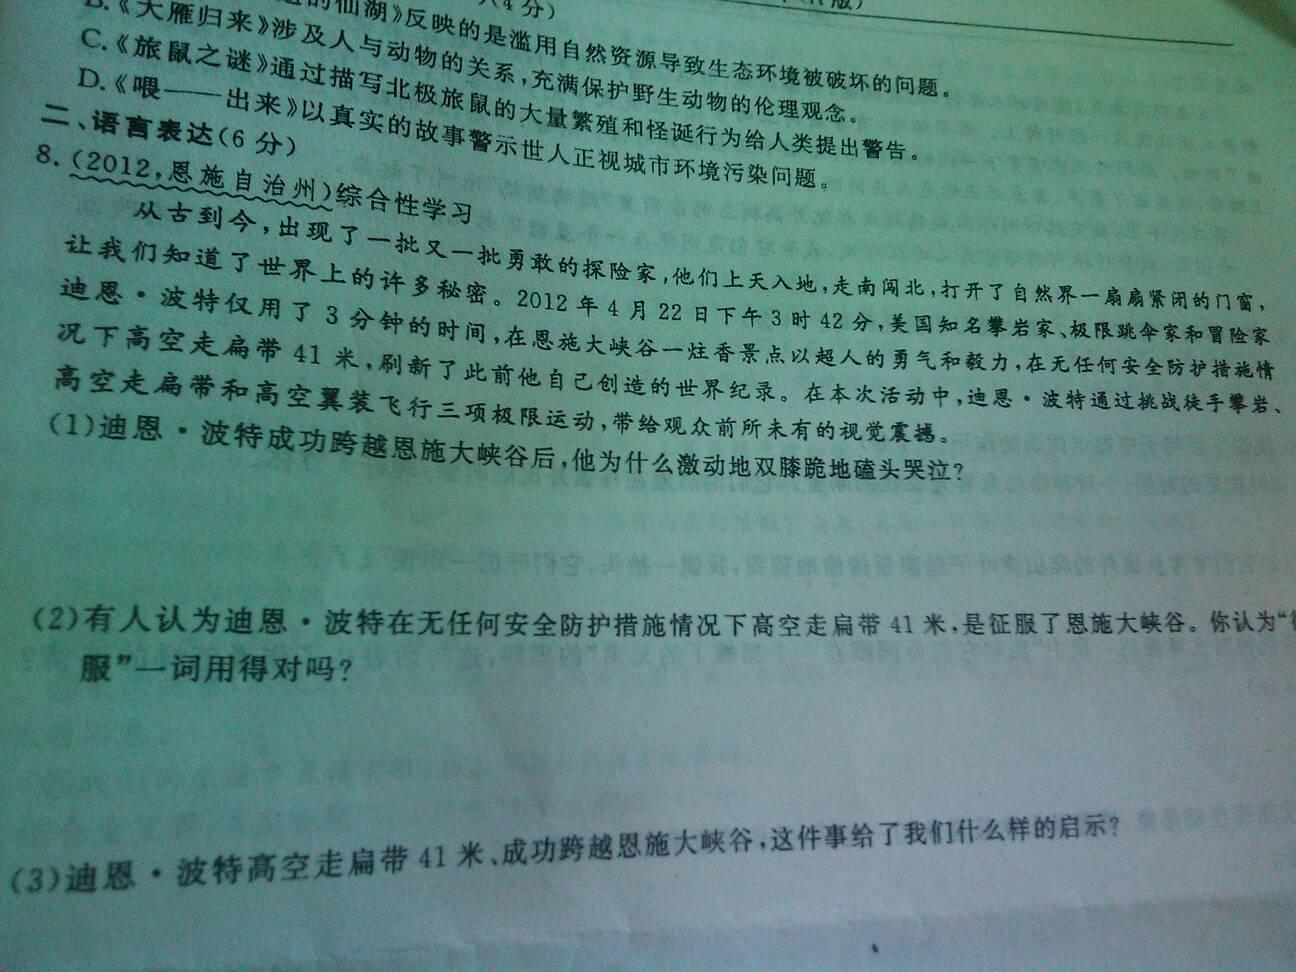 0回答龙江县语文教师v语文初中题13和14年比那年的简单些0回答2014现代诗歌初中生图片